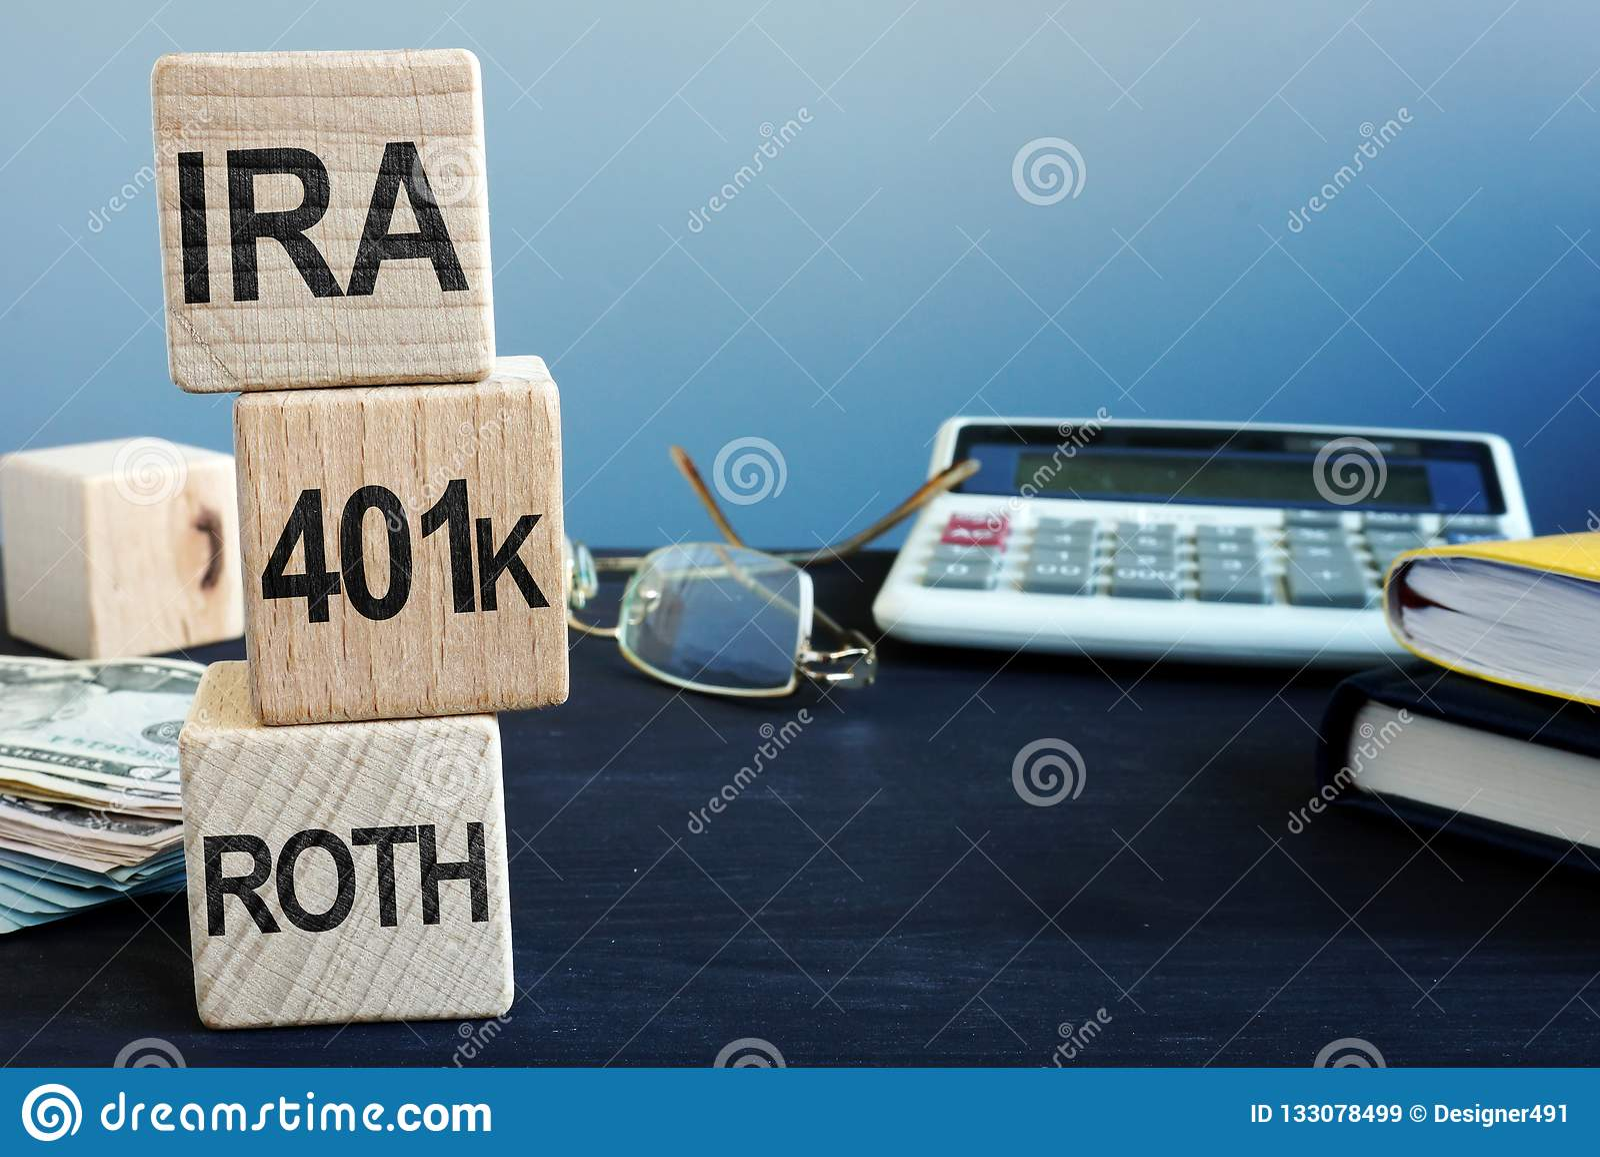 Sześciany z słowami IRA, 401k i ROTH, Emerytura plan